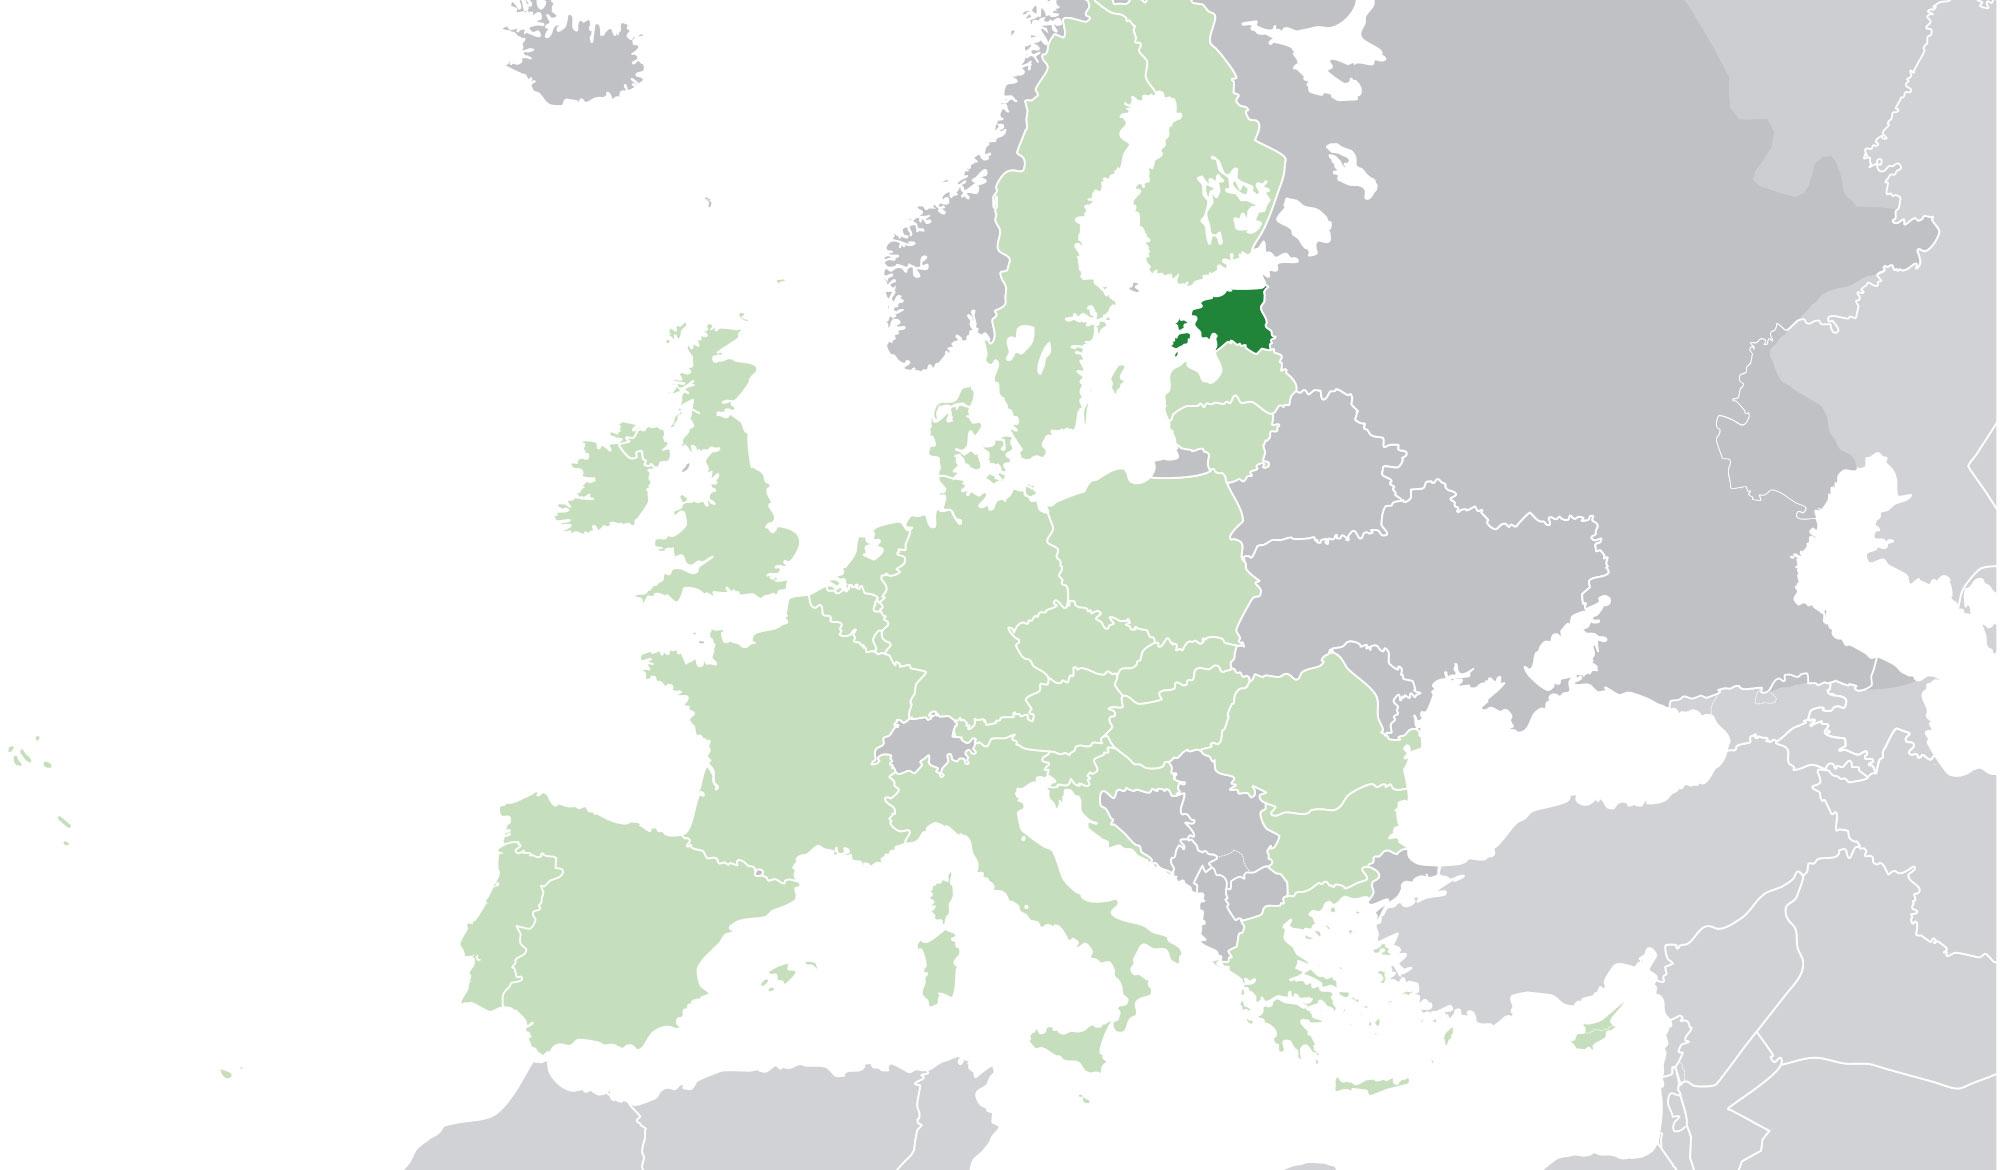 Localización geográfica de Estonia